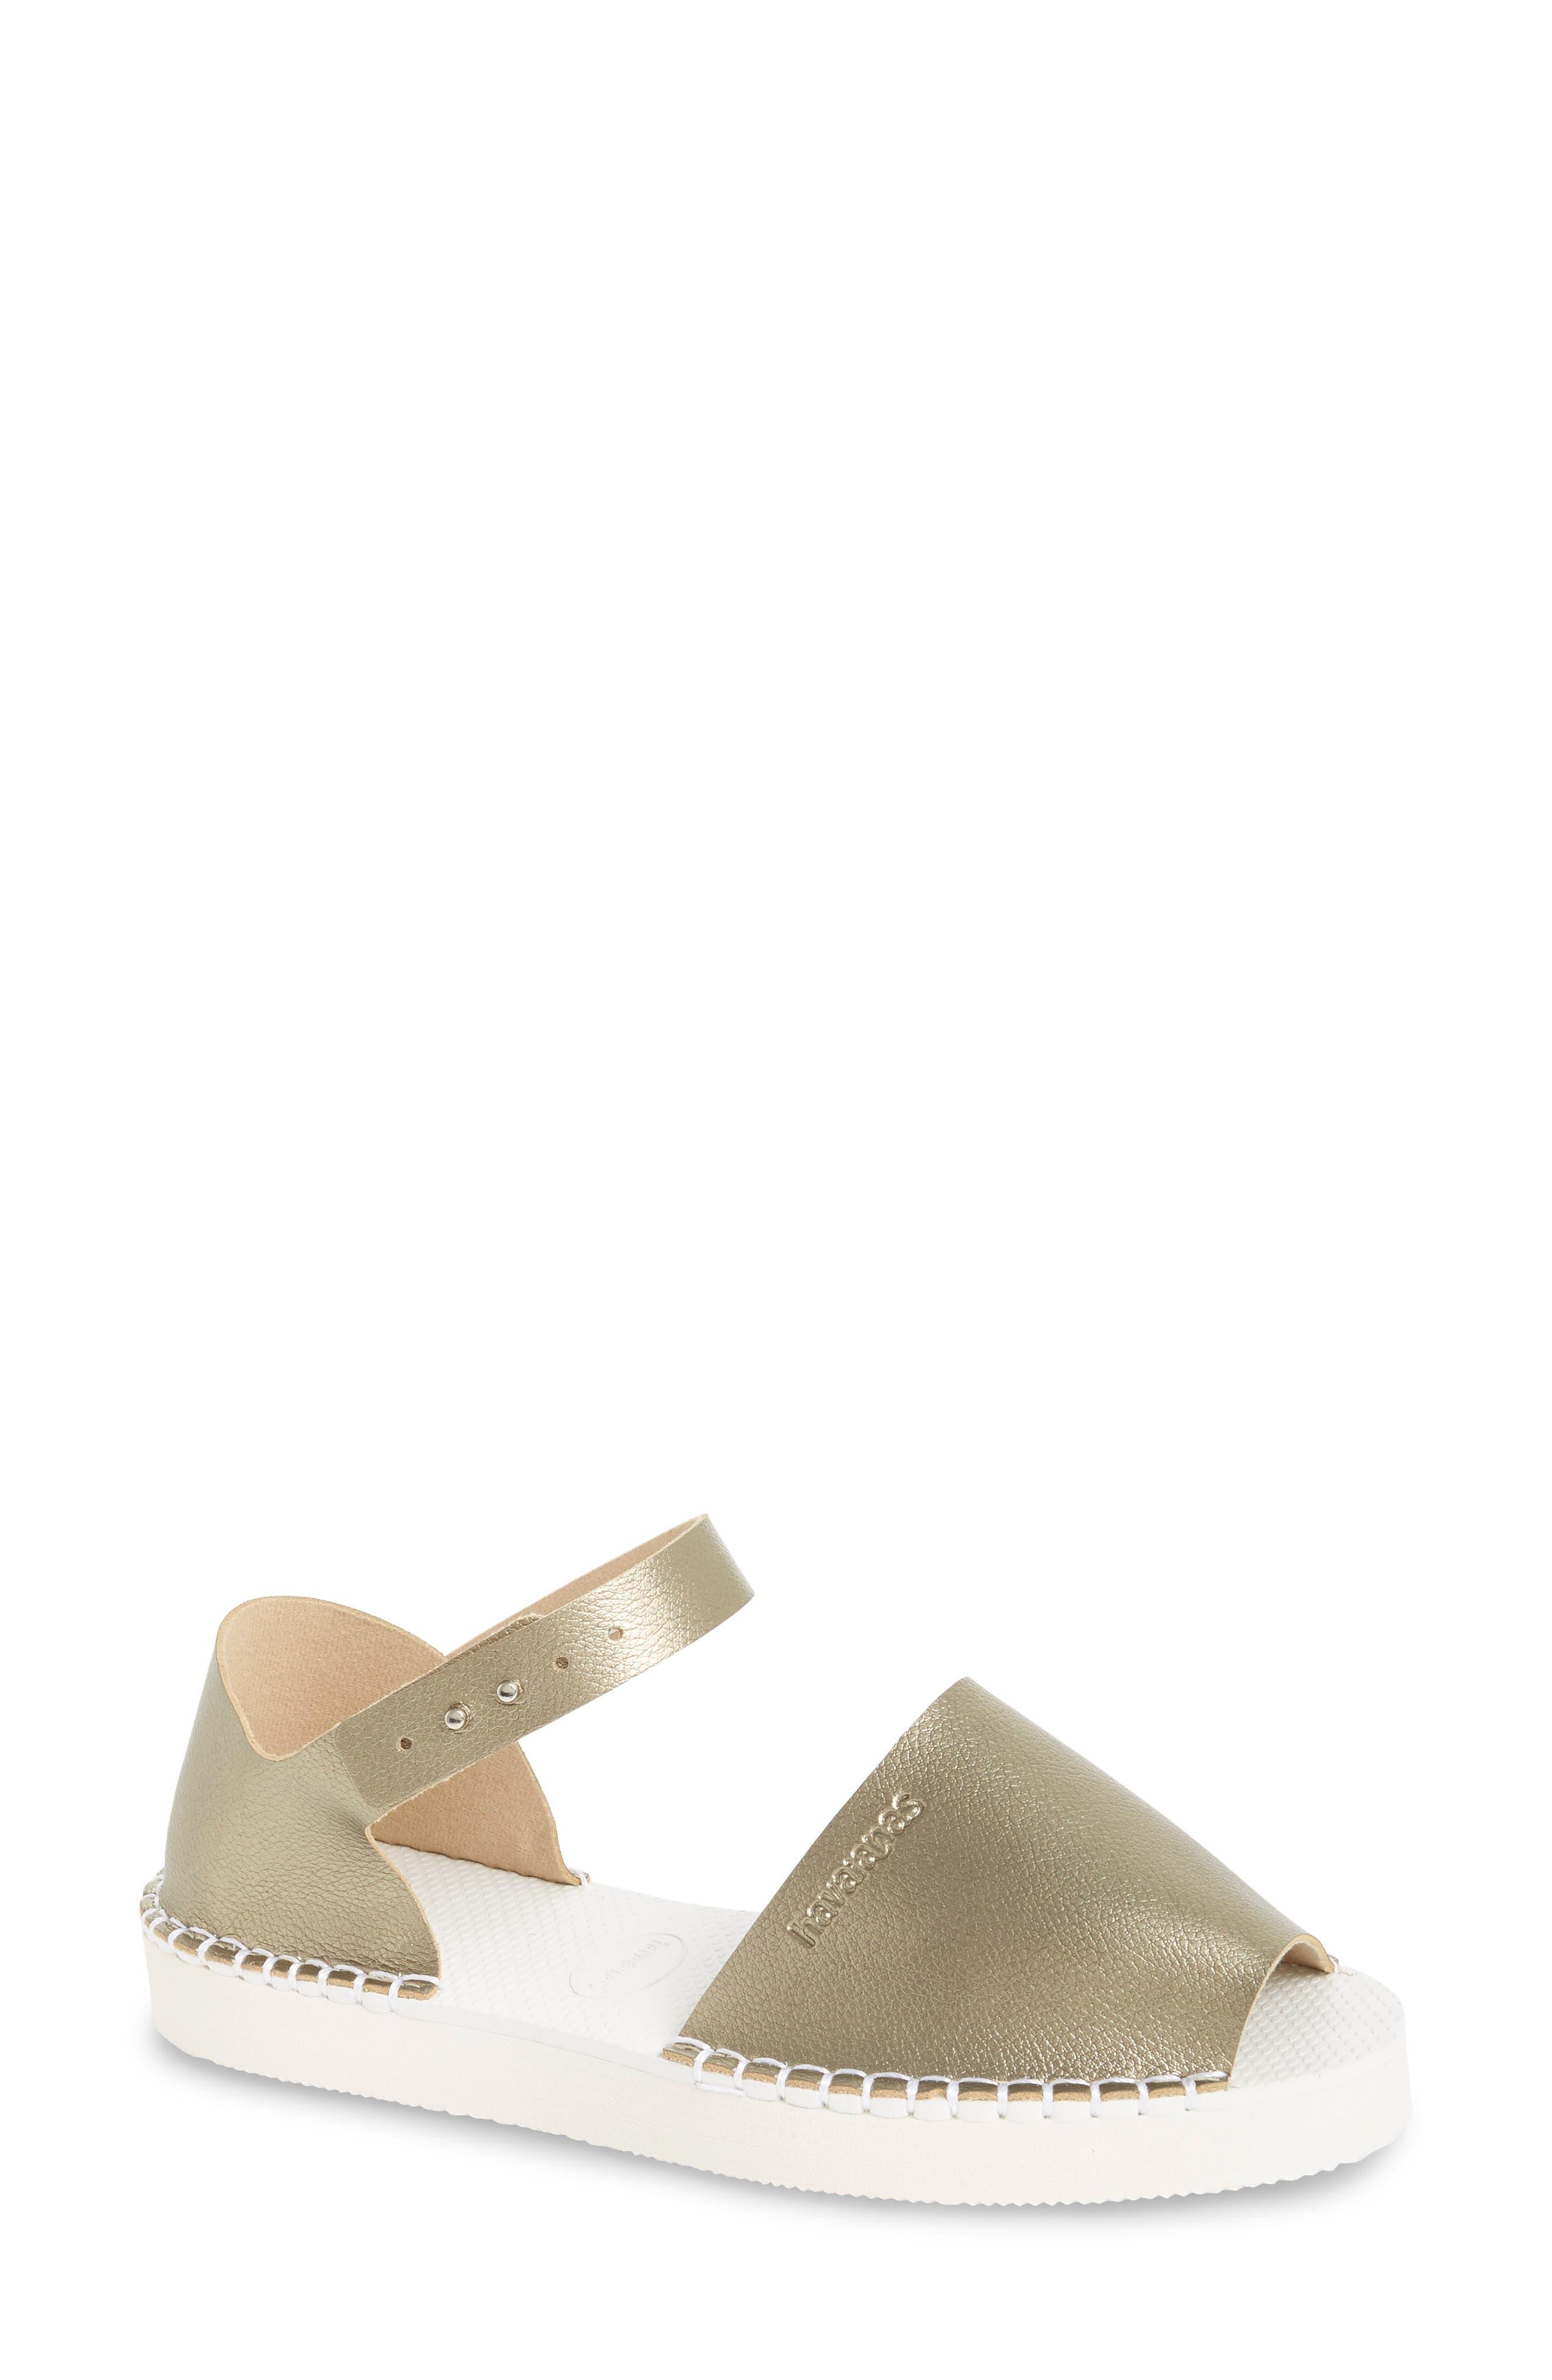 Flatform Fashion Sandal,                         Main,                         color, Golden